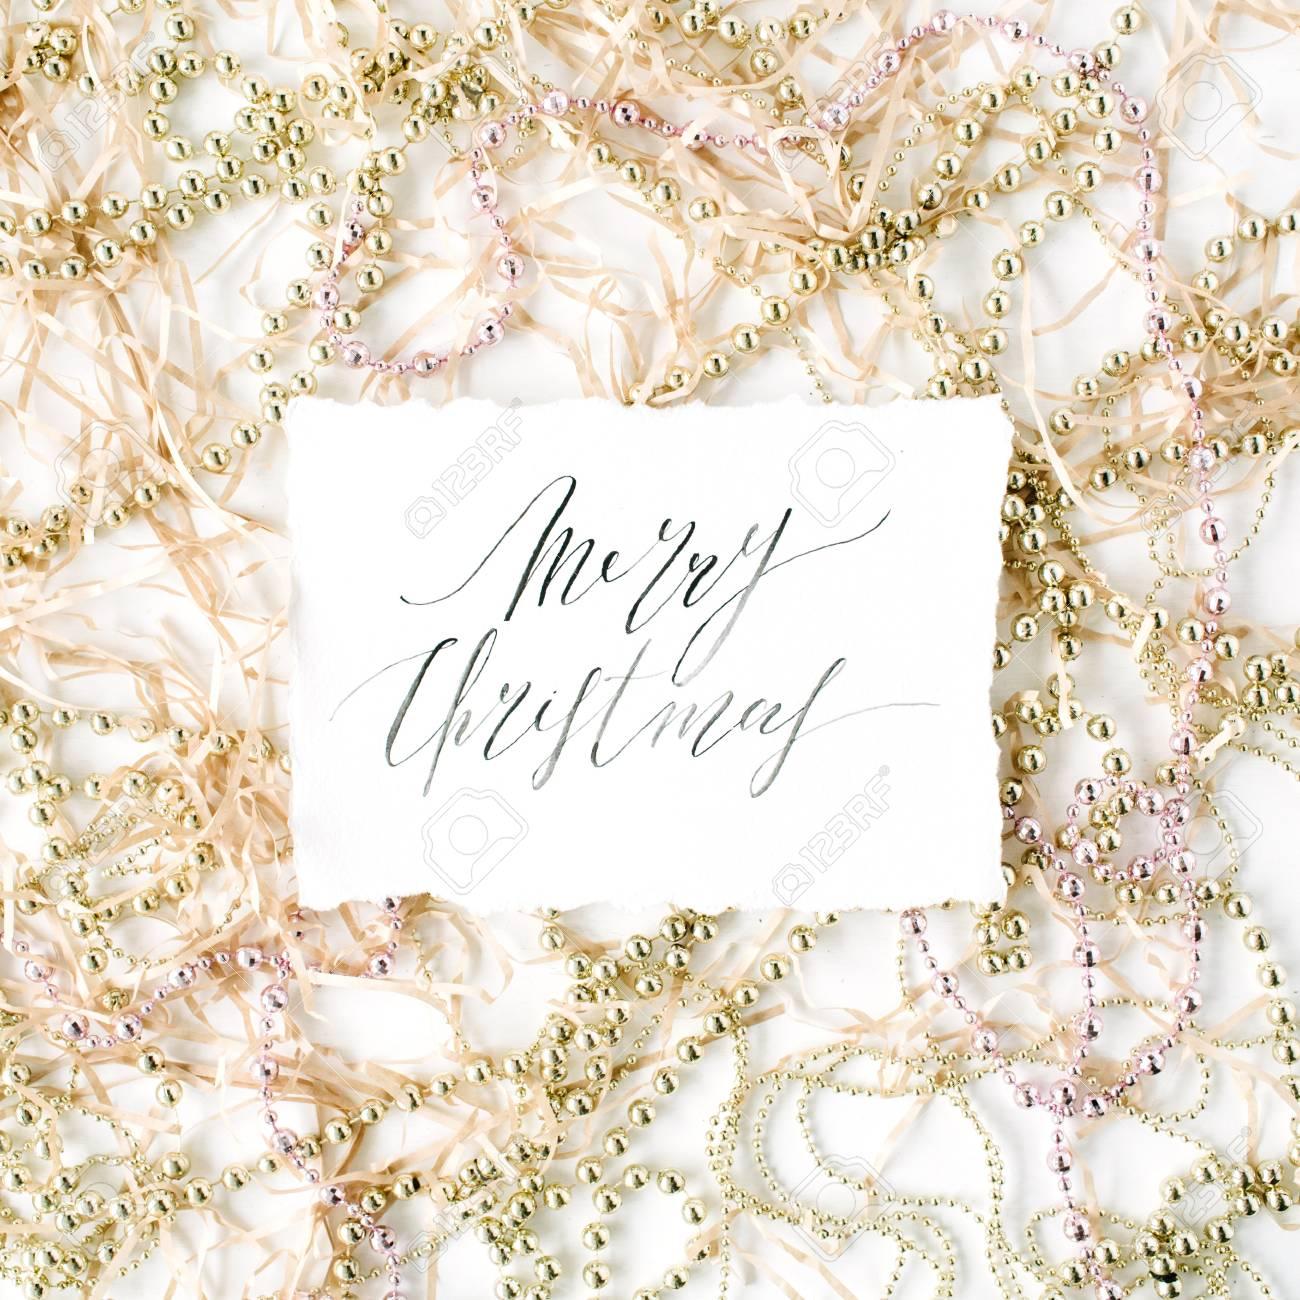 Parole Di Buon Natale.Parole Di Calligrafia Buon Natale E Decorazione Di Orpelli Di Natale Vista Piana Vista Dall Alto